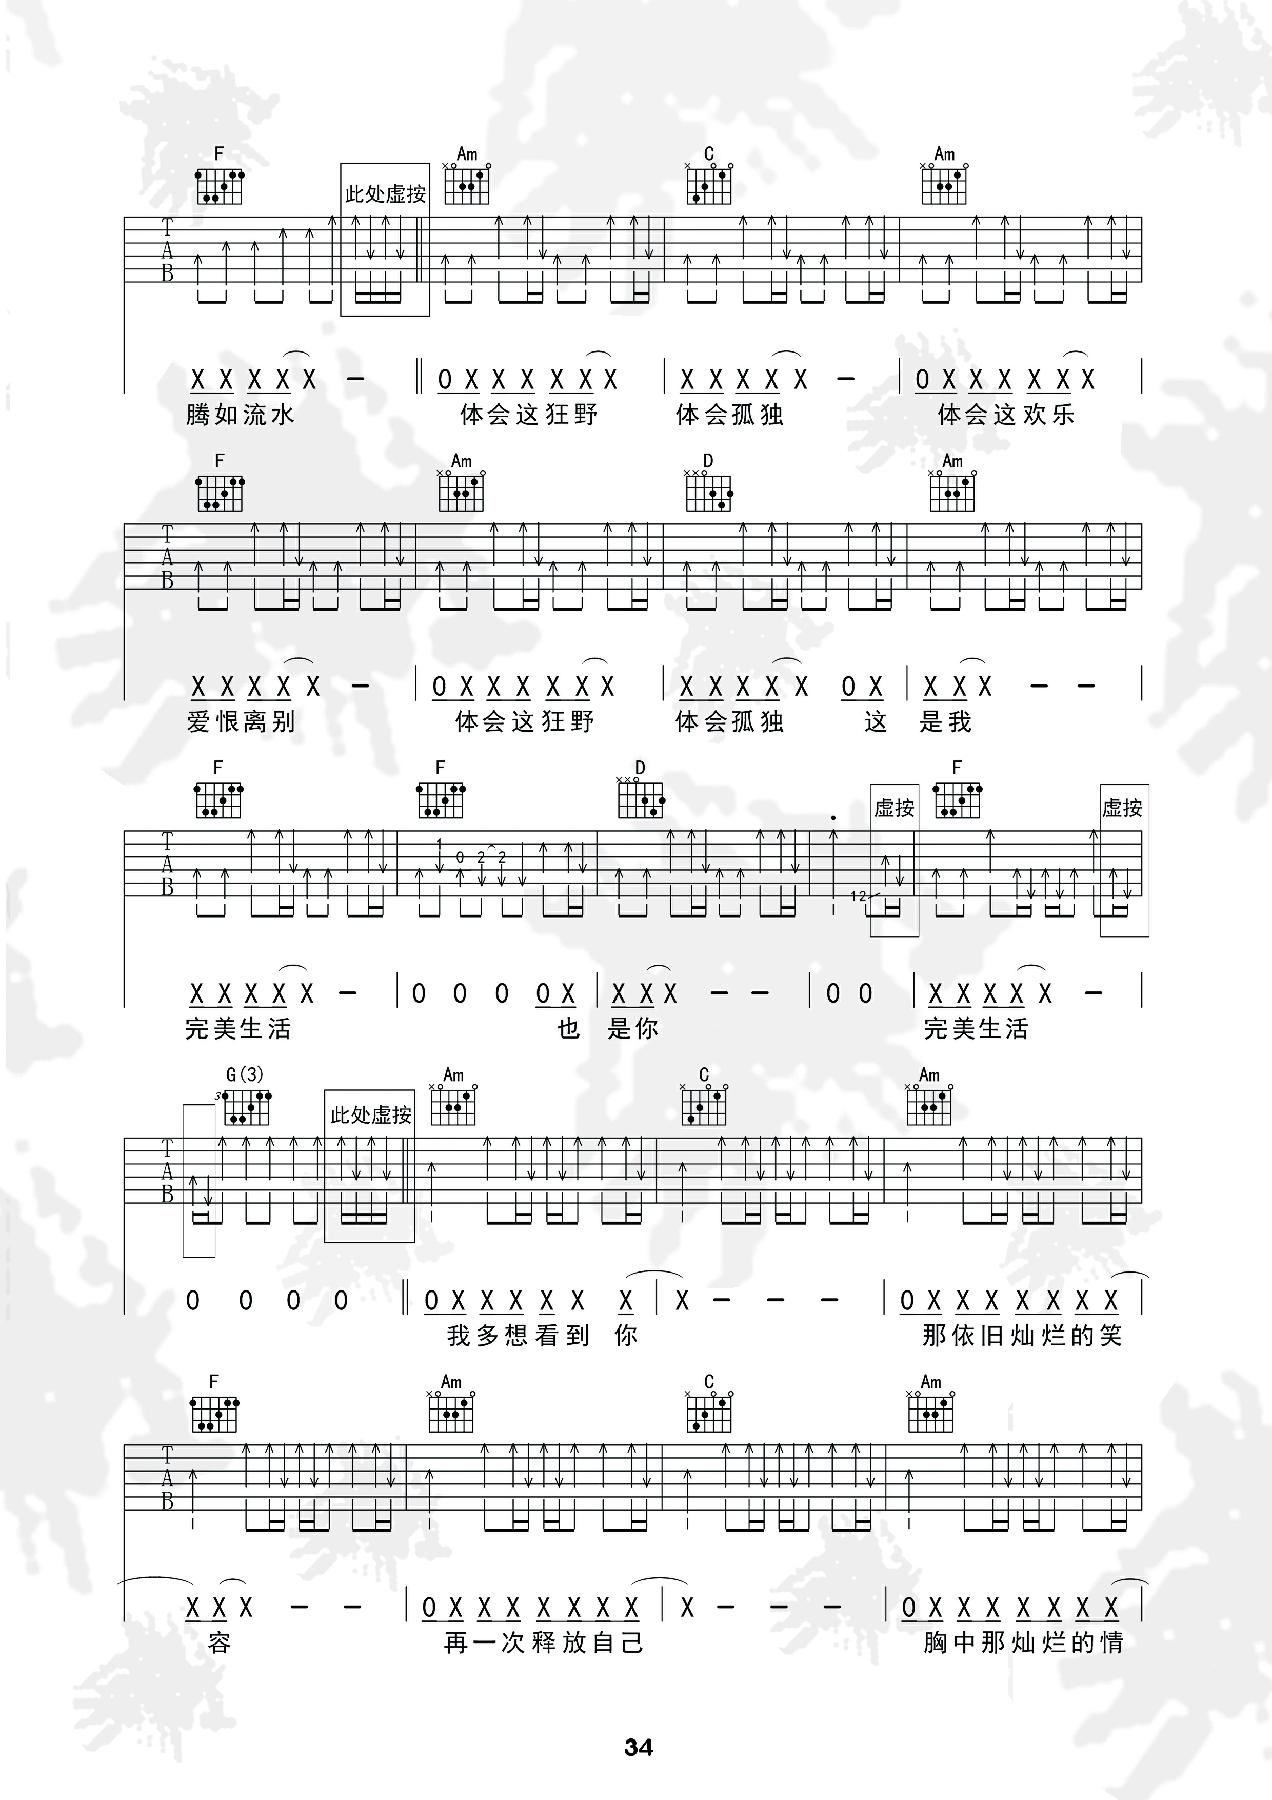 完美生活(必弹吉他)吉他谱(图片谱,伴奏,弹唱,简单版)_许巍_kgnggsfu0zyc02tmpsxa.png